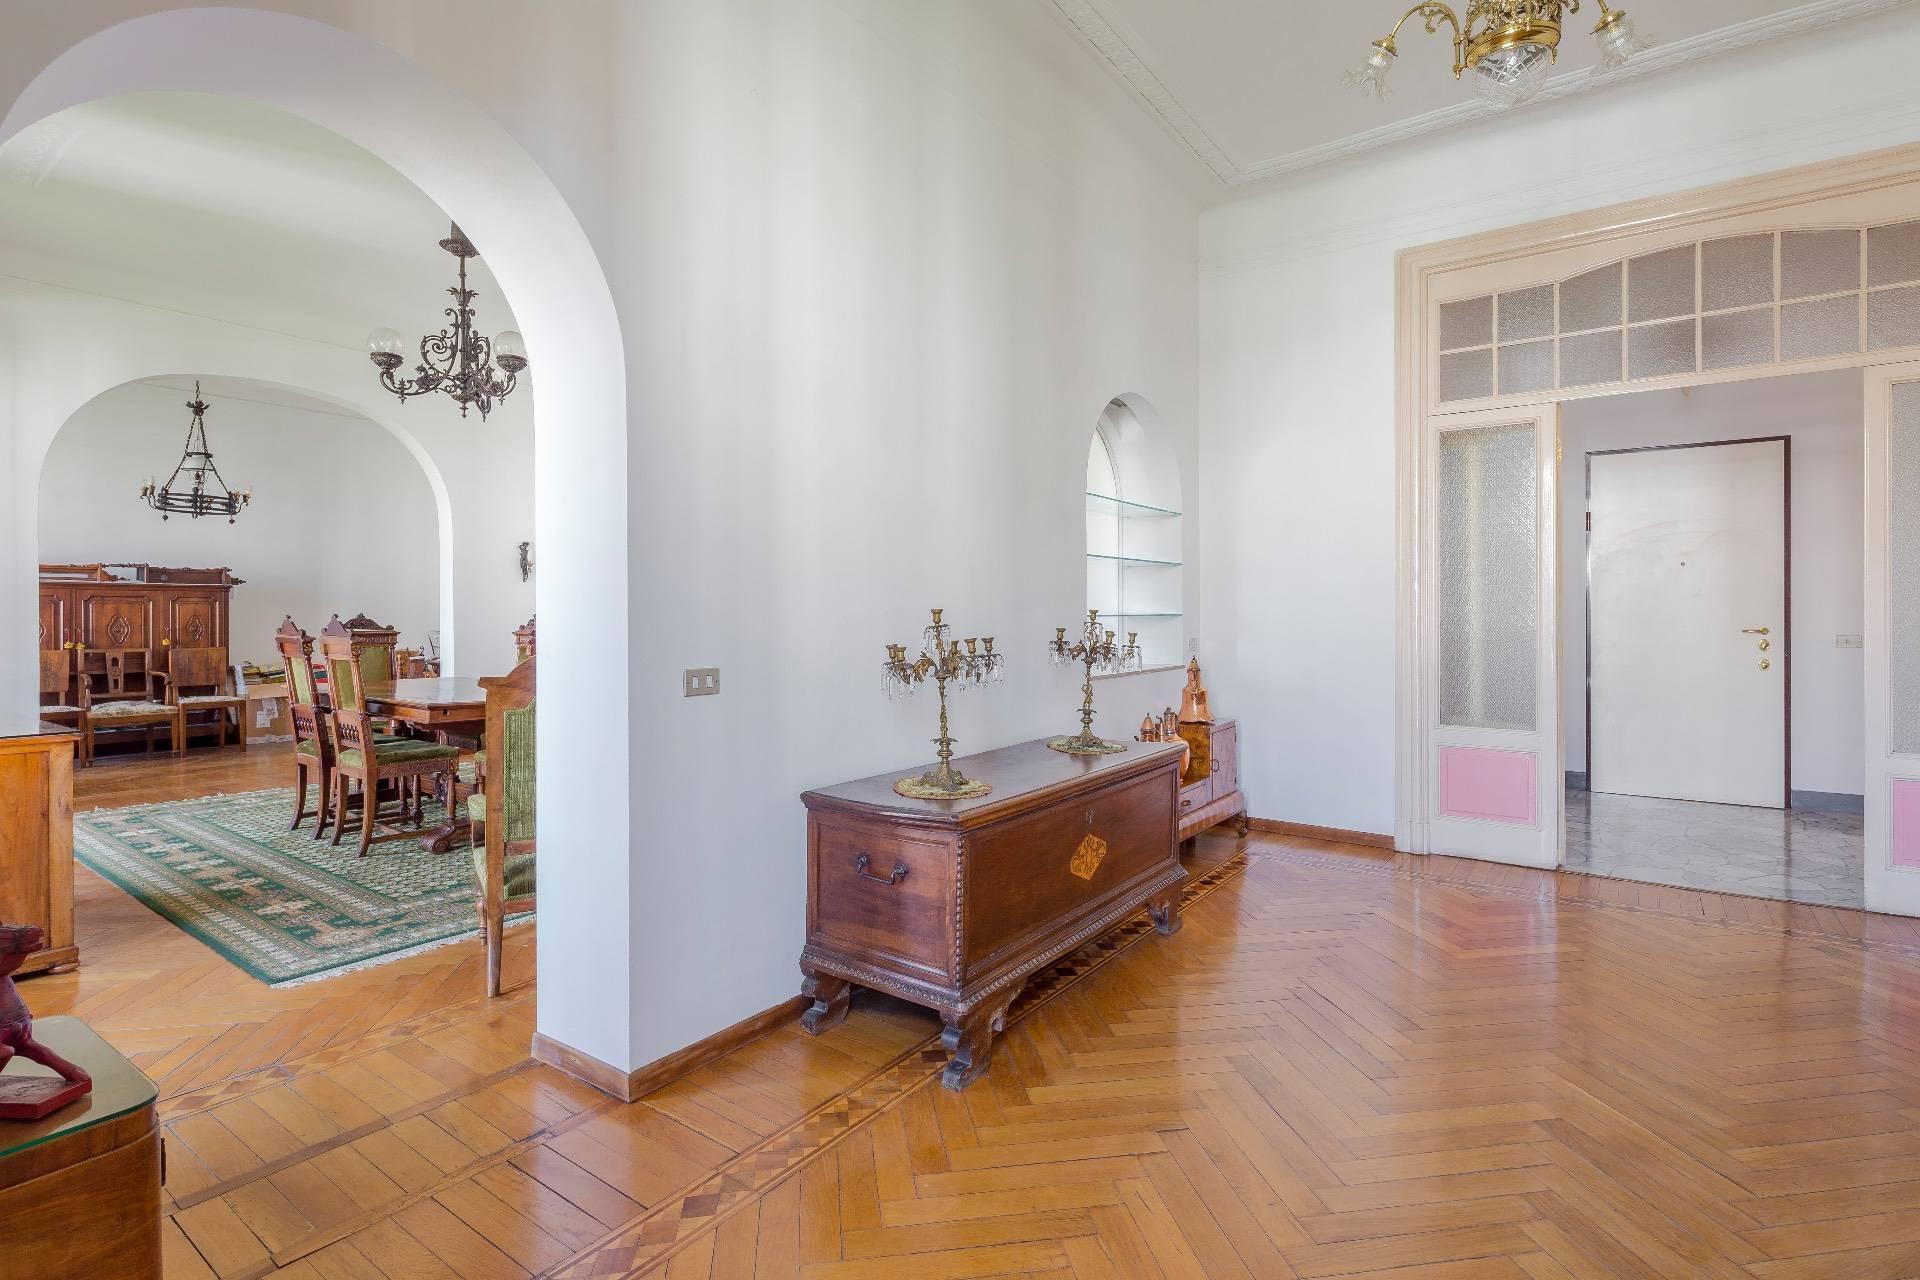 Elegante Wohnung im antiken Palast - 10